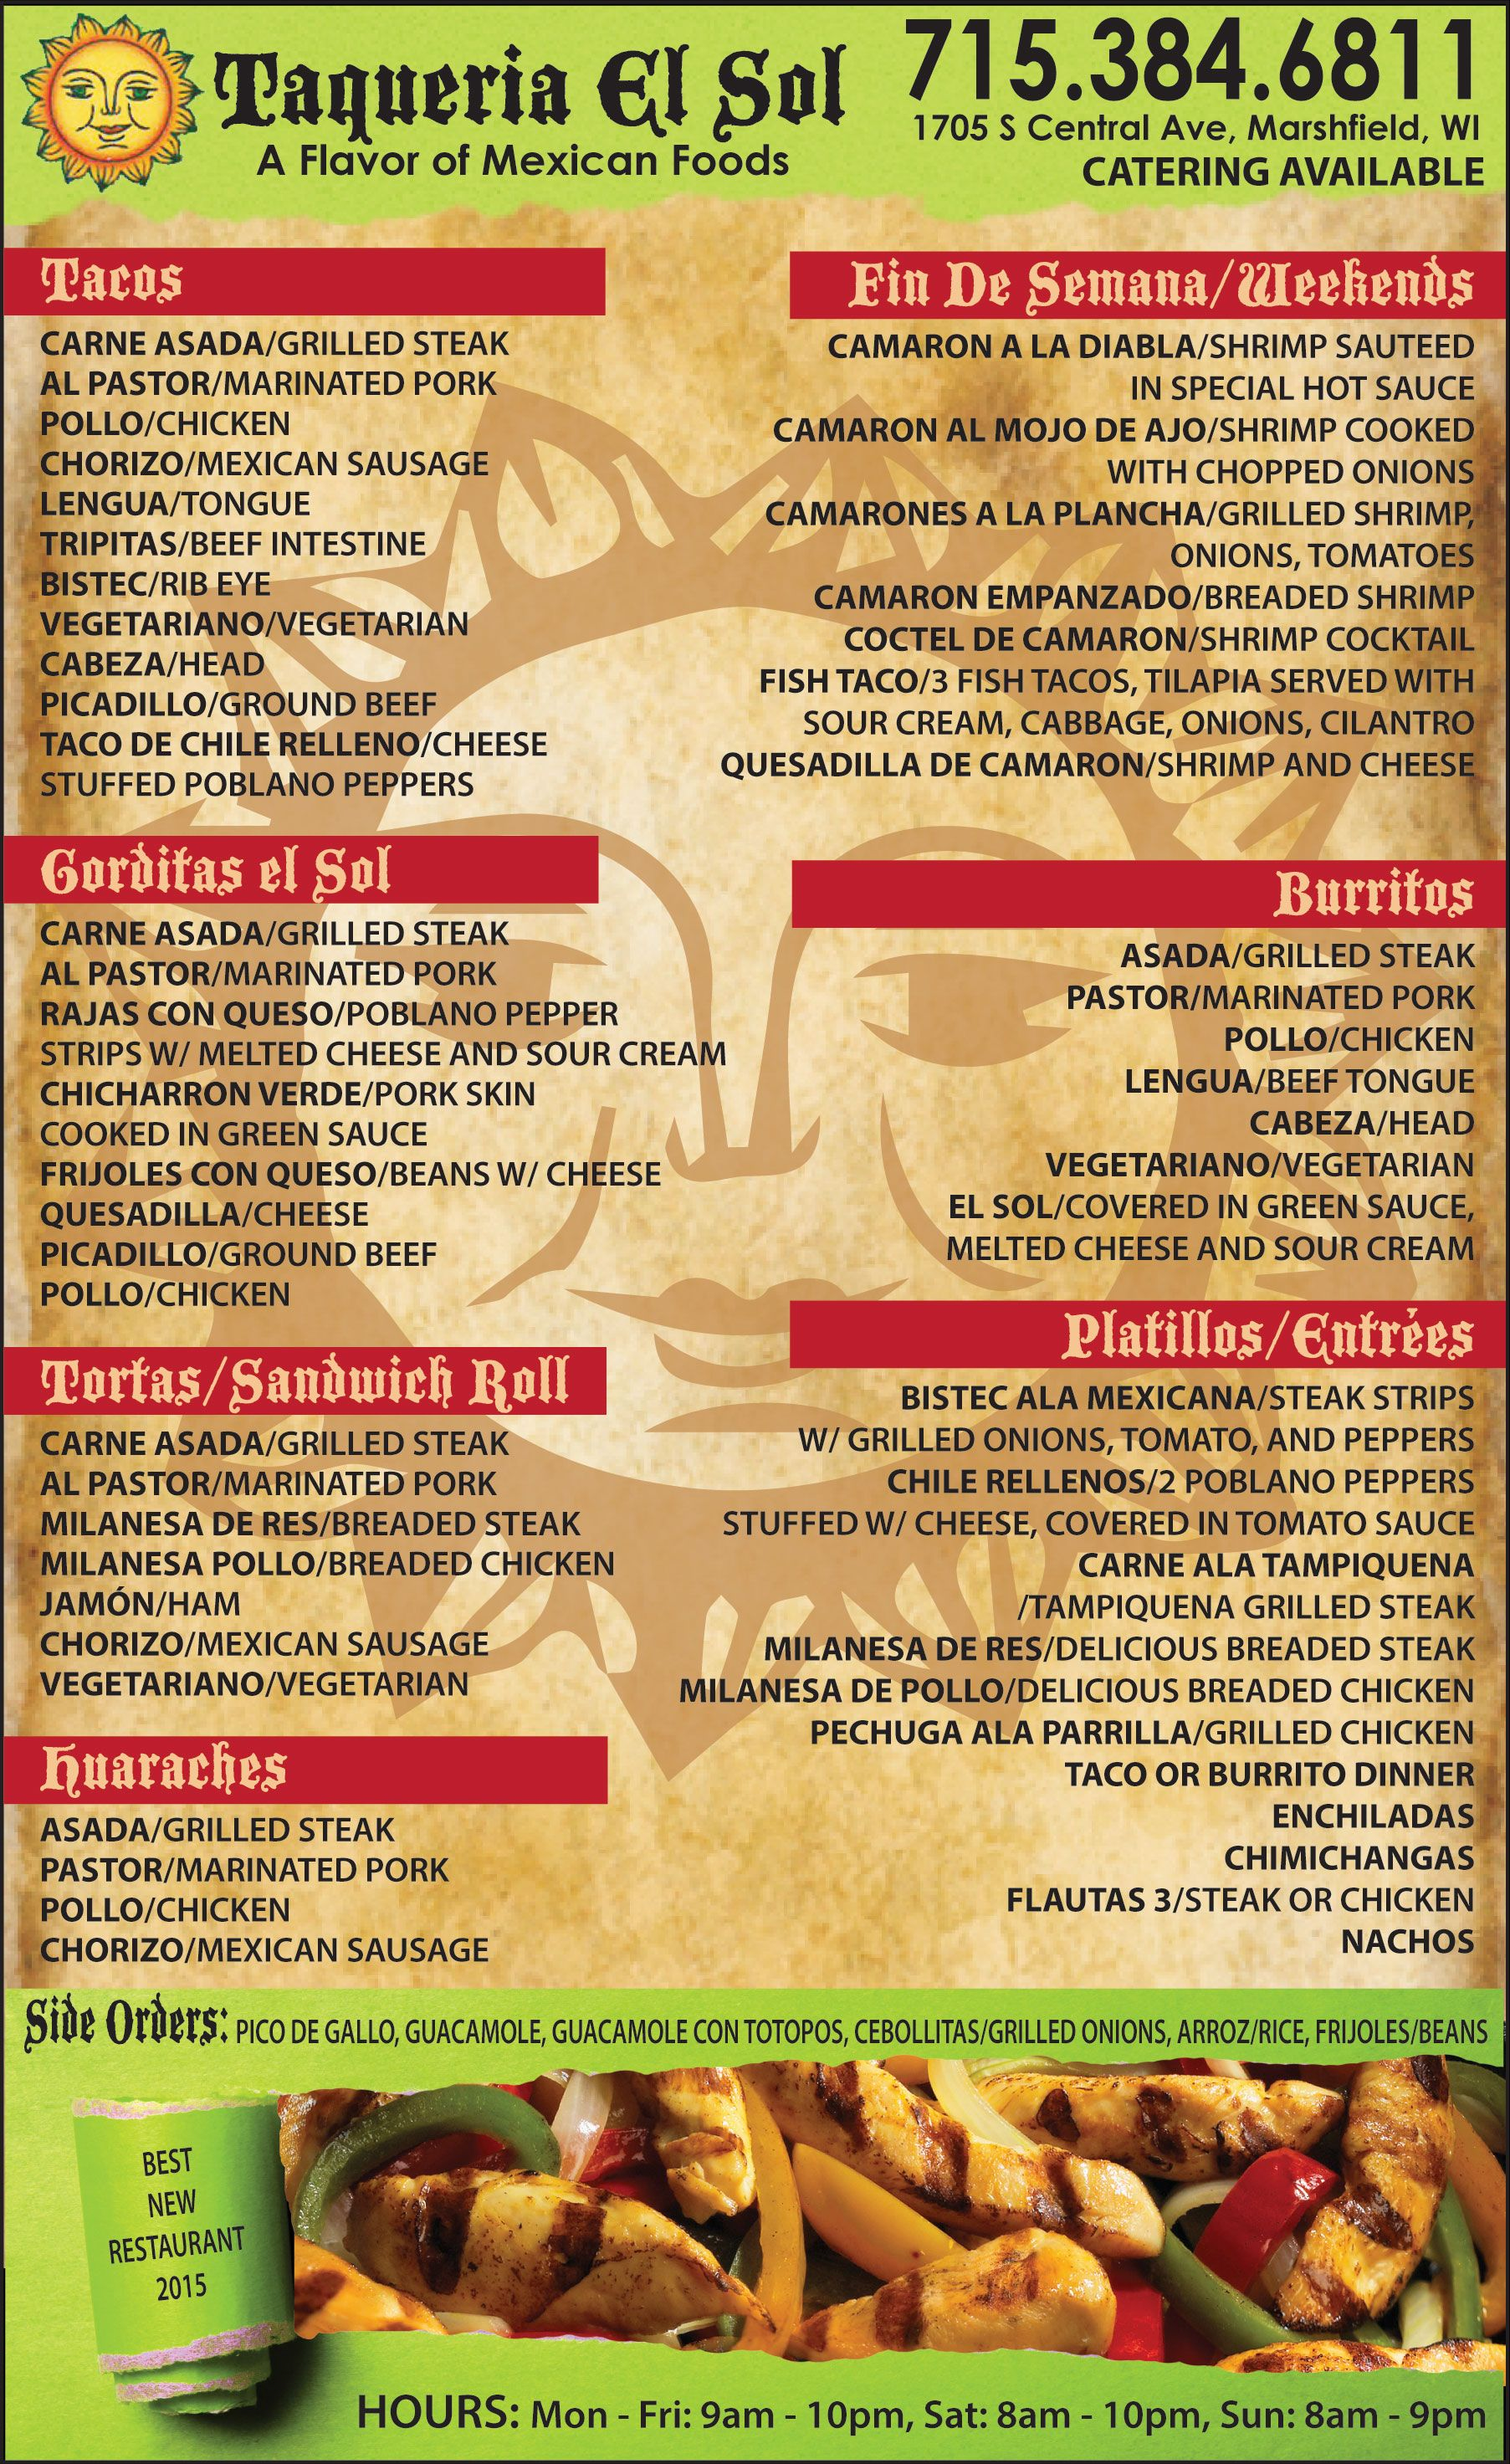 Taqueria El Sol Restaurant Menu Marshfield Wi 2015 16 Restaurants